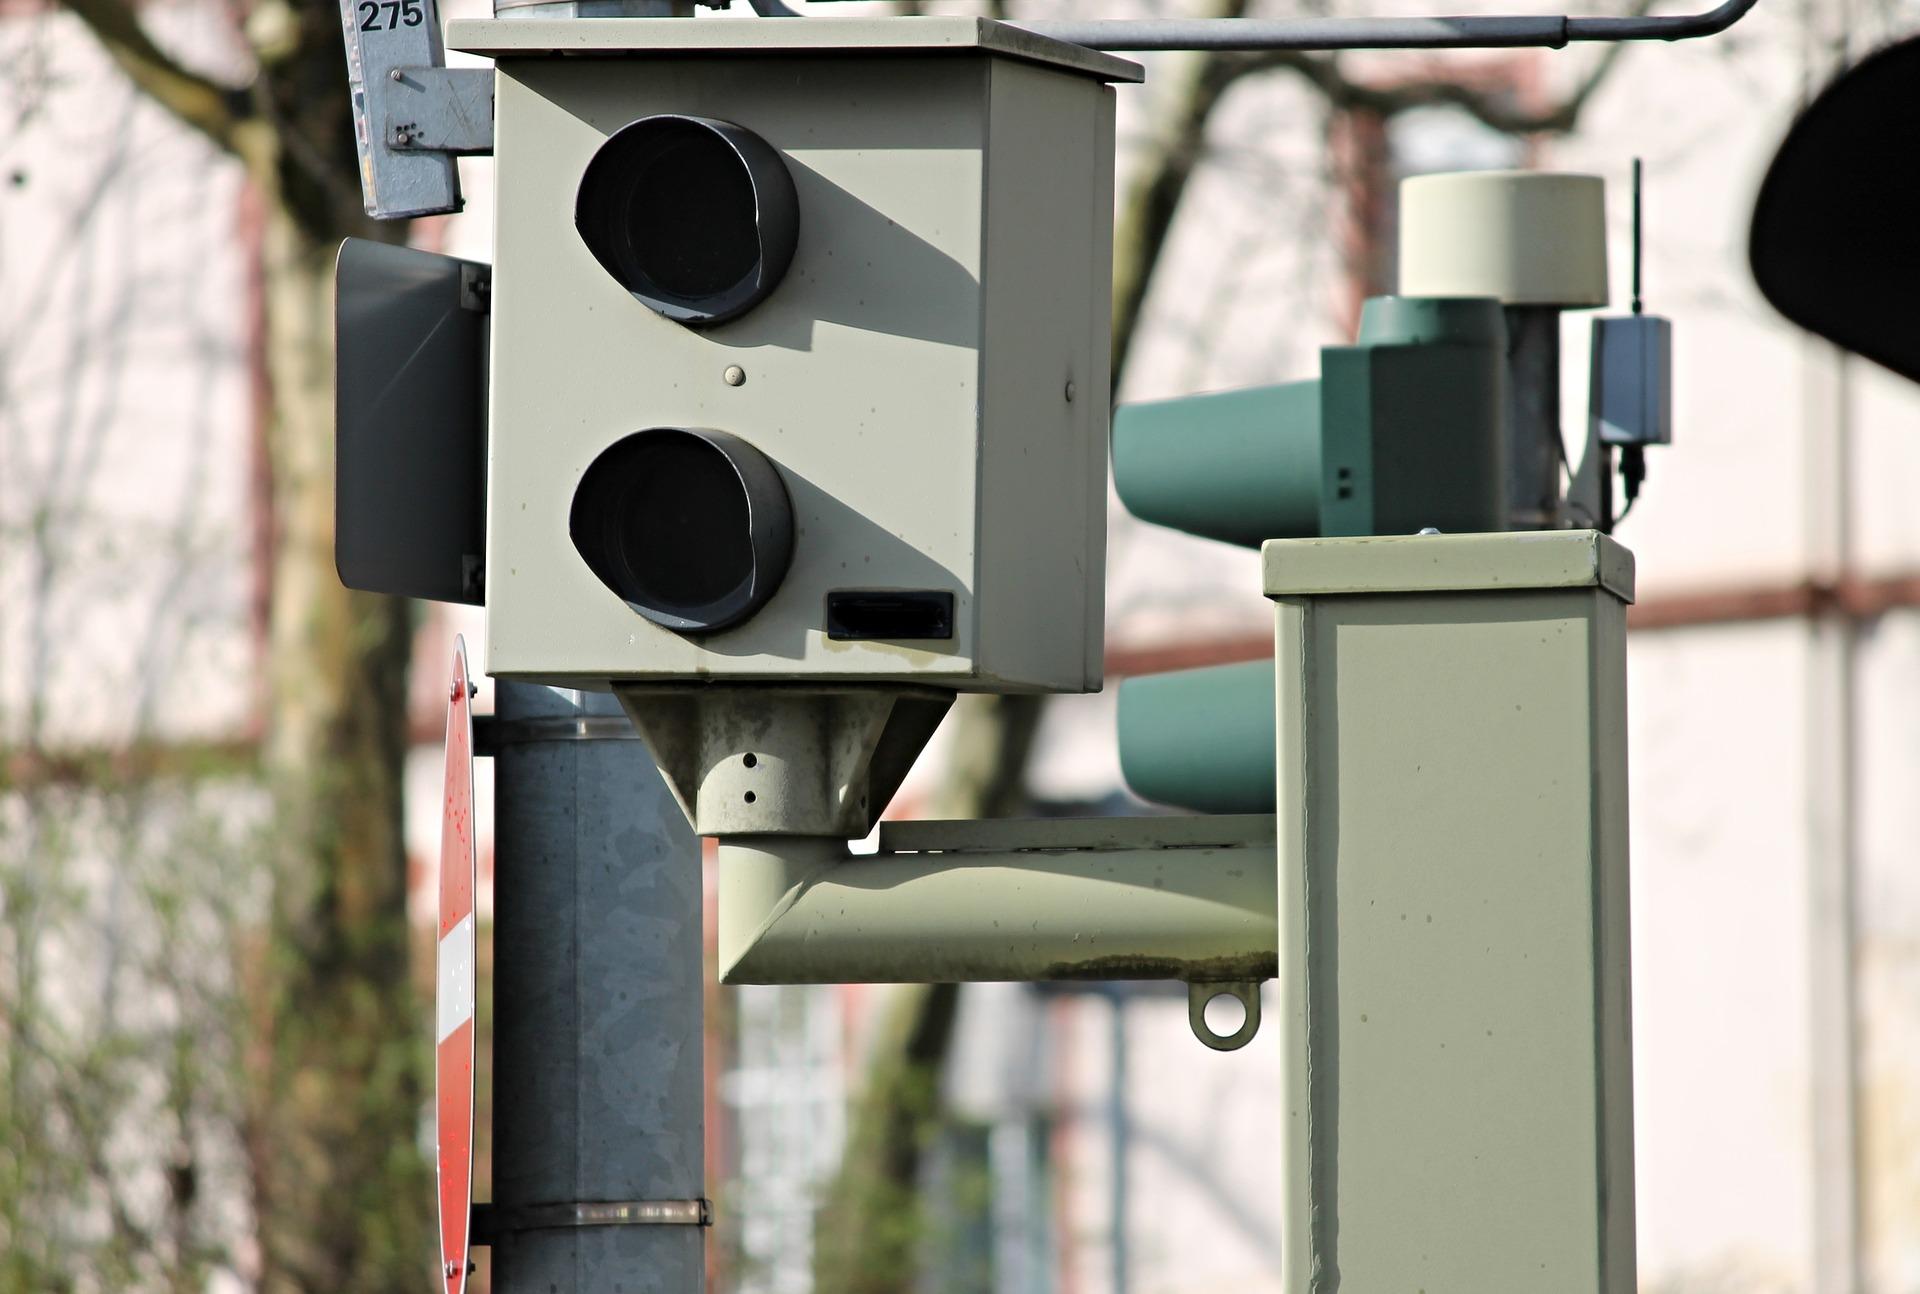 В РФ планируется существенное увеличение штрафов за превышение скорости